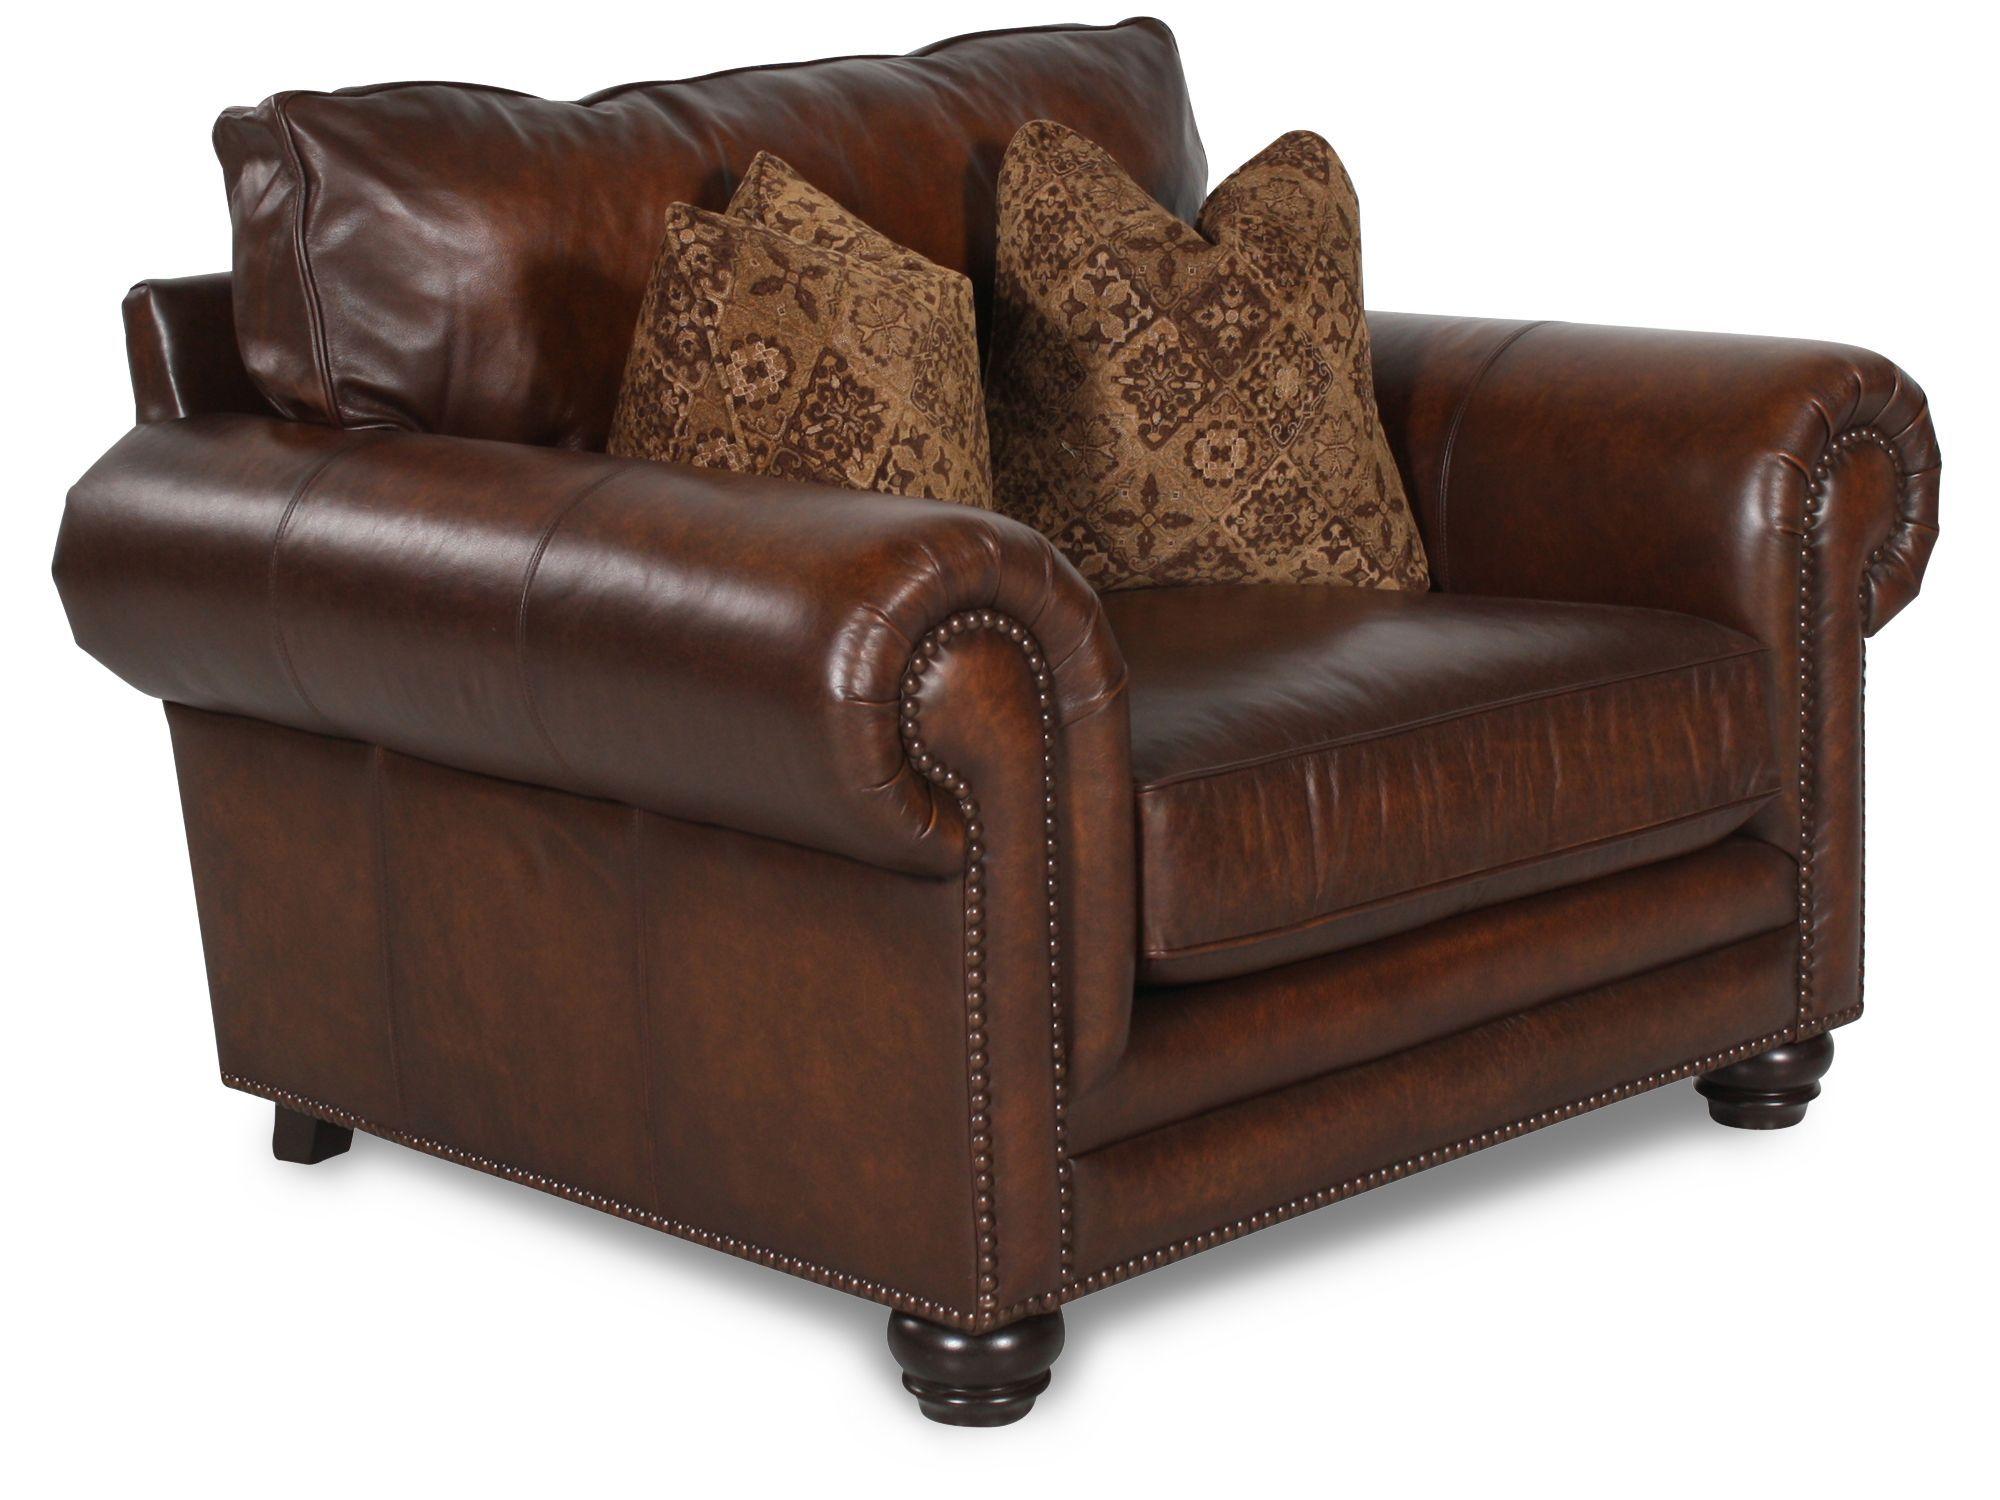 Bernhardt Harrington Leather Chair And A Half Chair And A Half